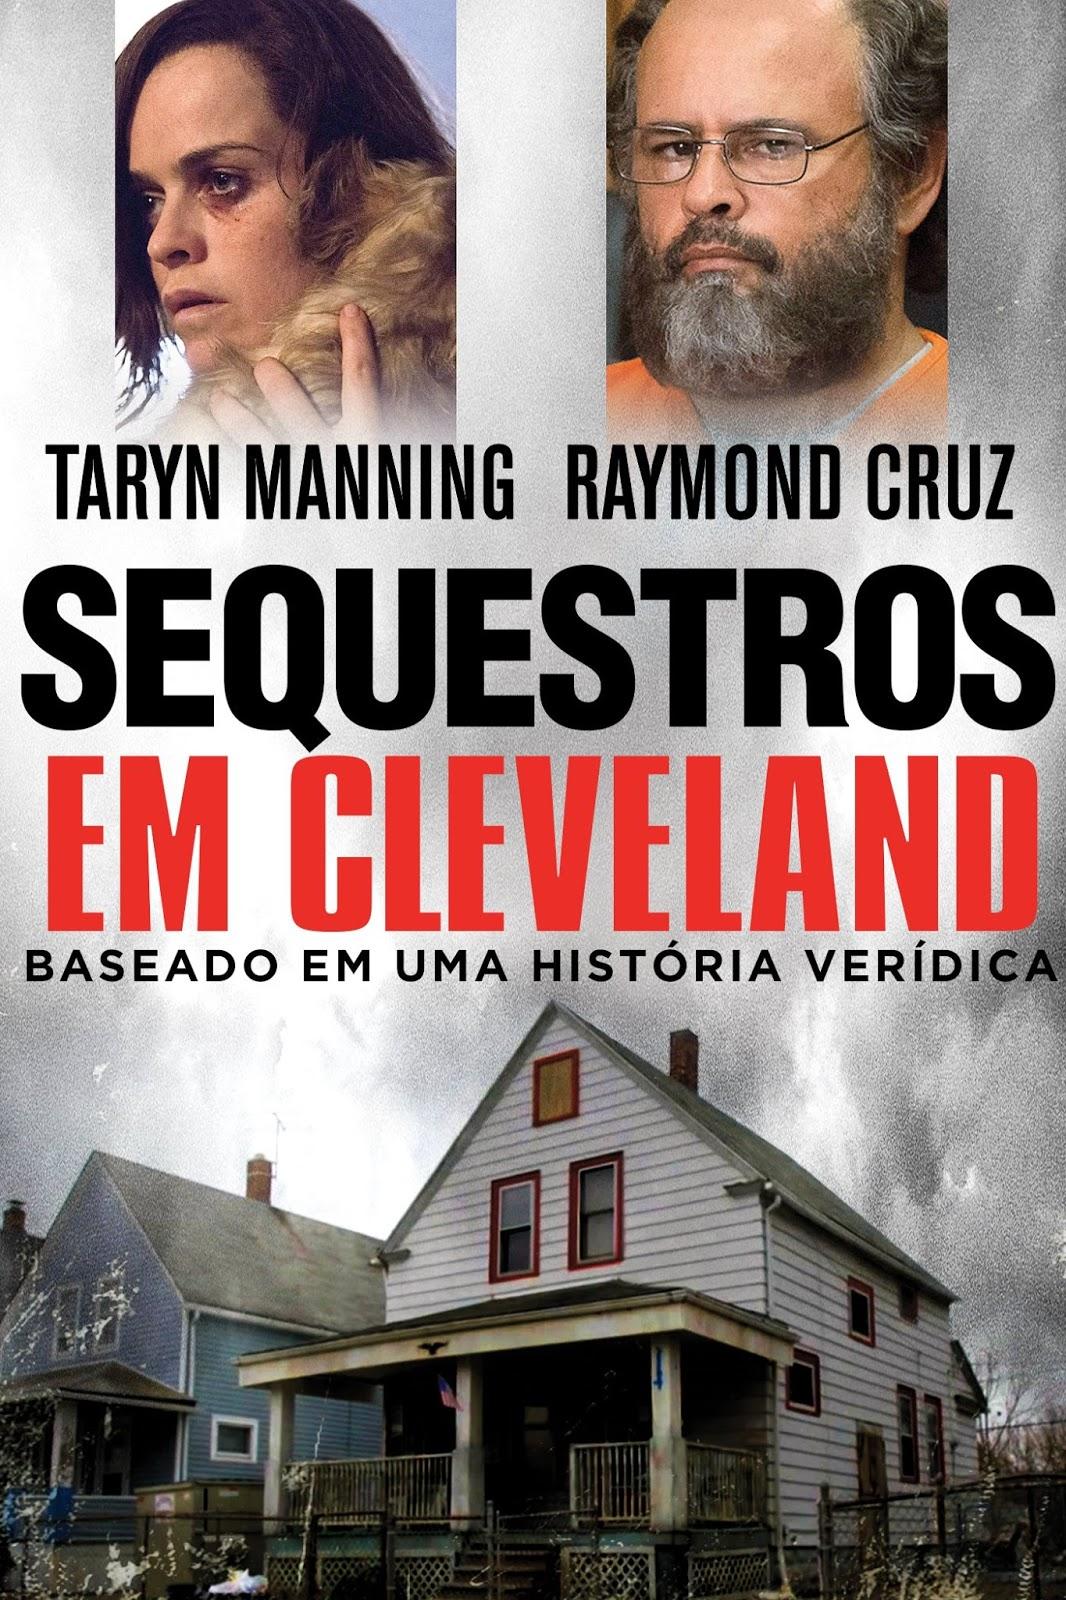 Sequestros Em Cleveland Dublado